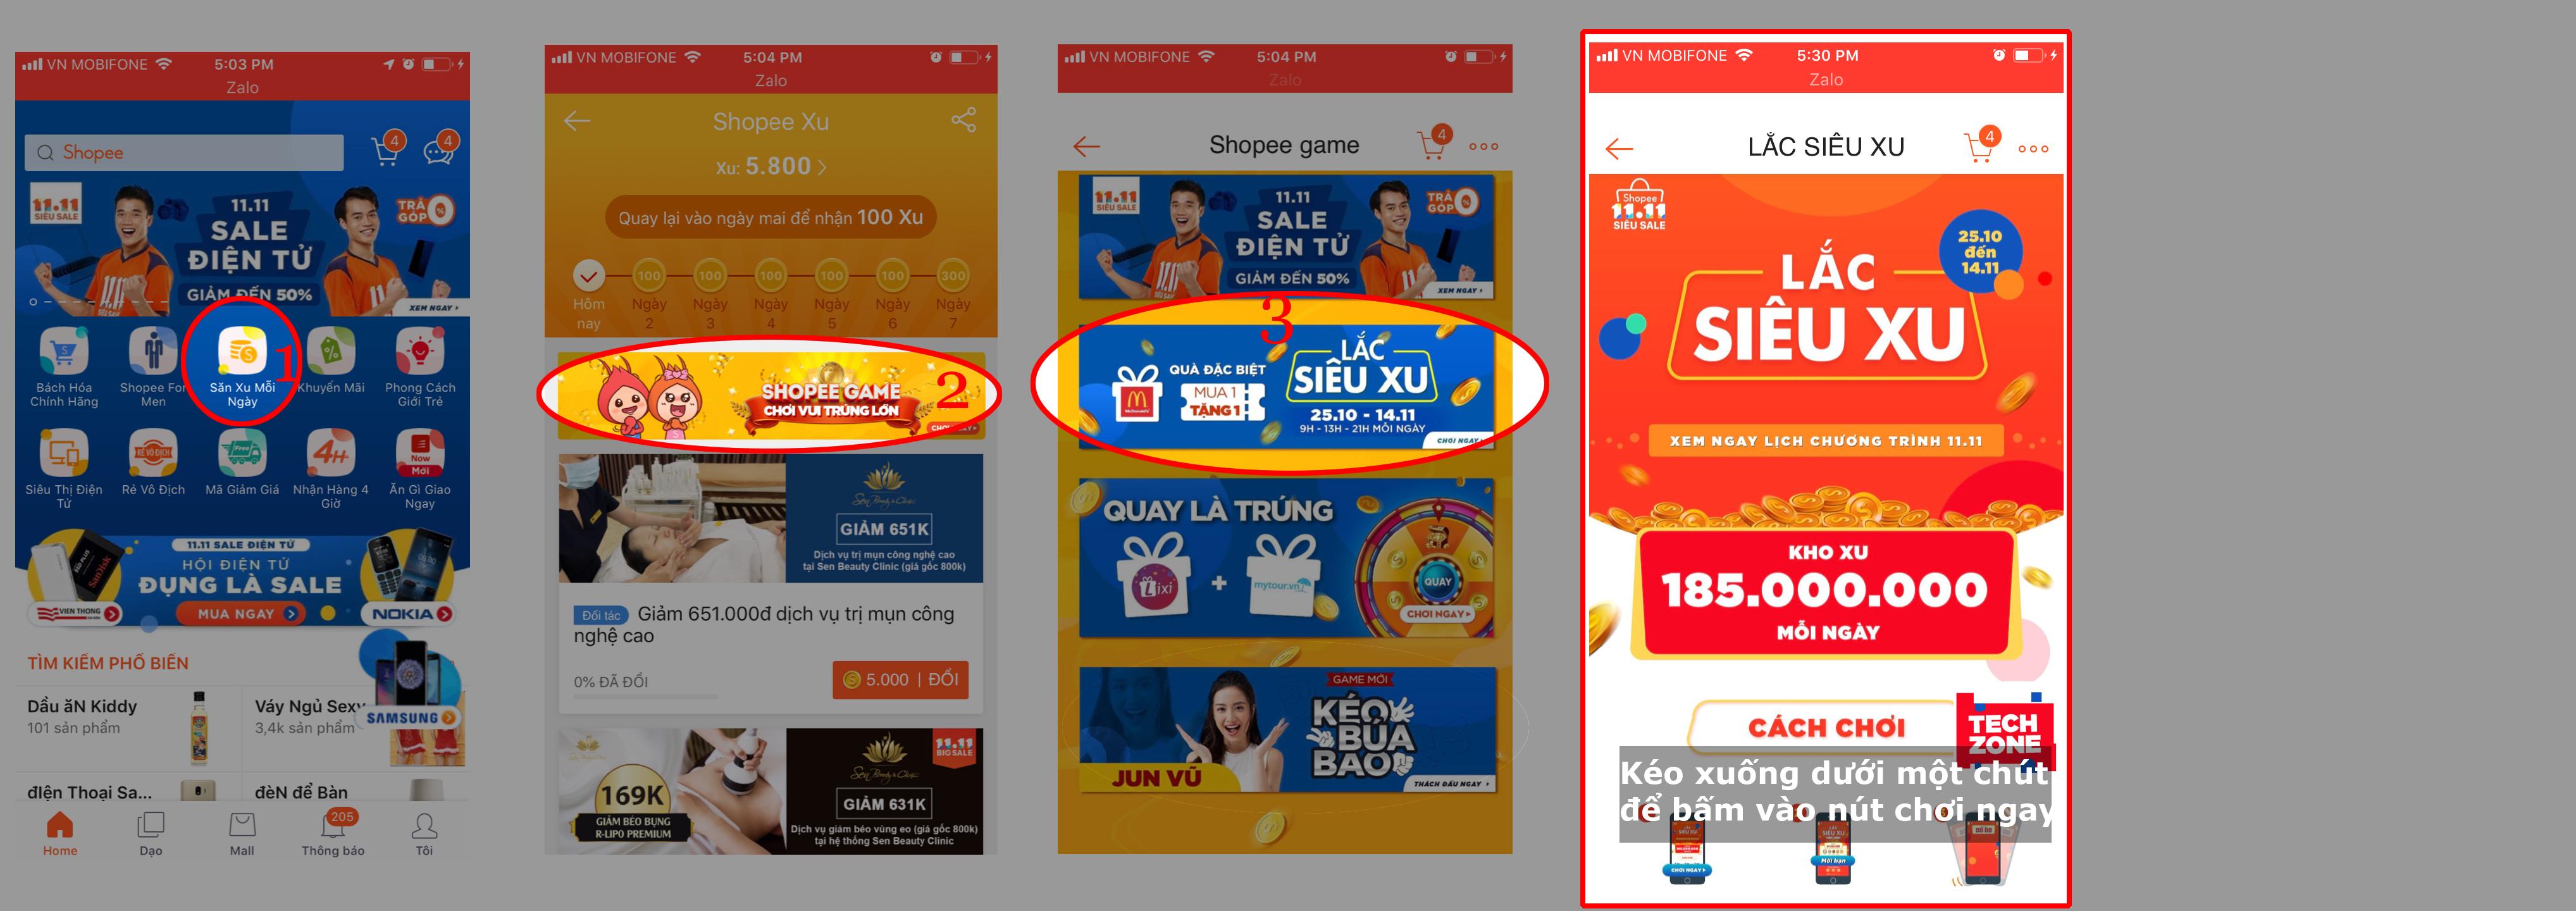 Shopee siêu sale hướng dẫn chơi lắc siêu xu mgg.vn